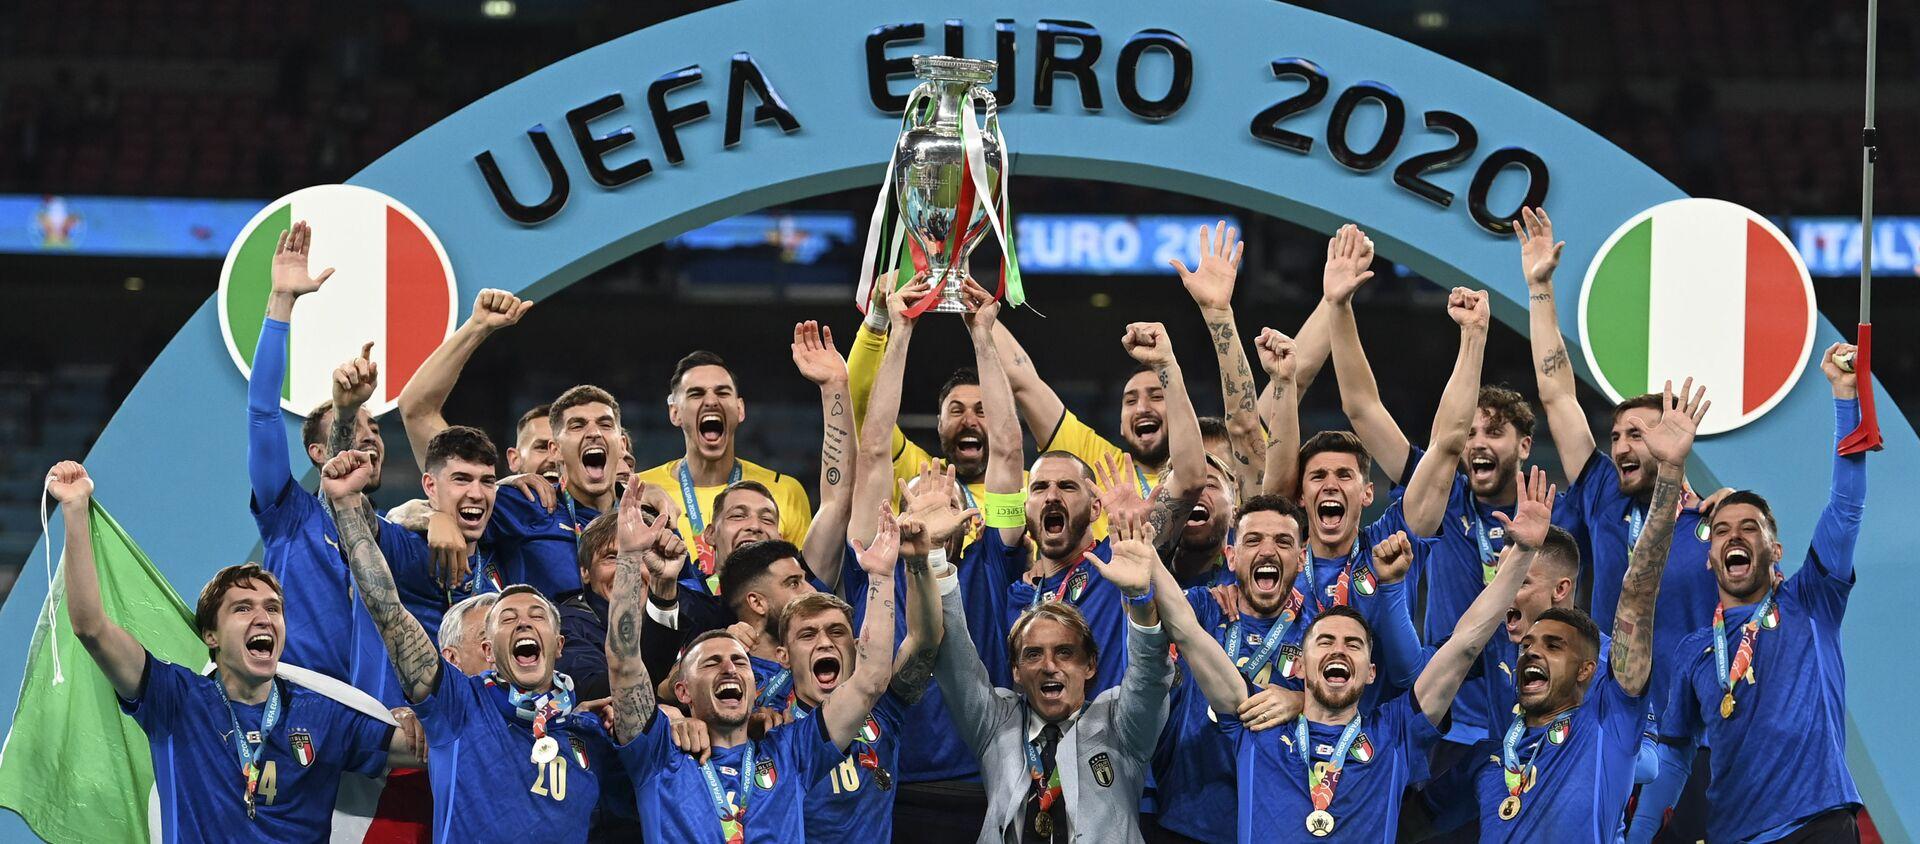 Đội tuyển quốc gia Ý ăn mừng trên bục vinh quang sau khi giành phần thắng trong trận chung kết Euro 2020 - Sputnik Việt Nam, 1920, 12.07.2021